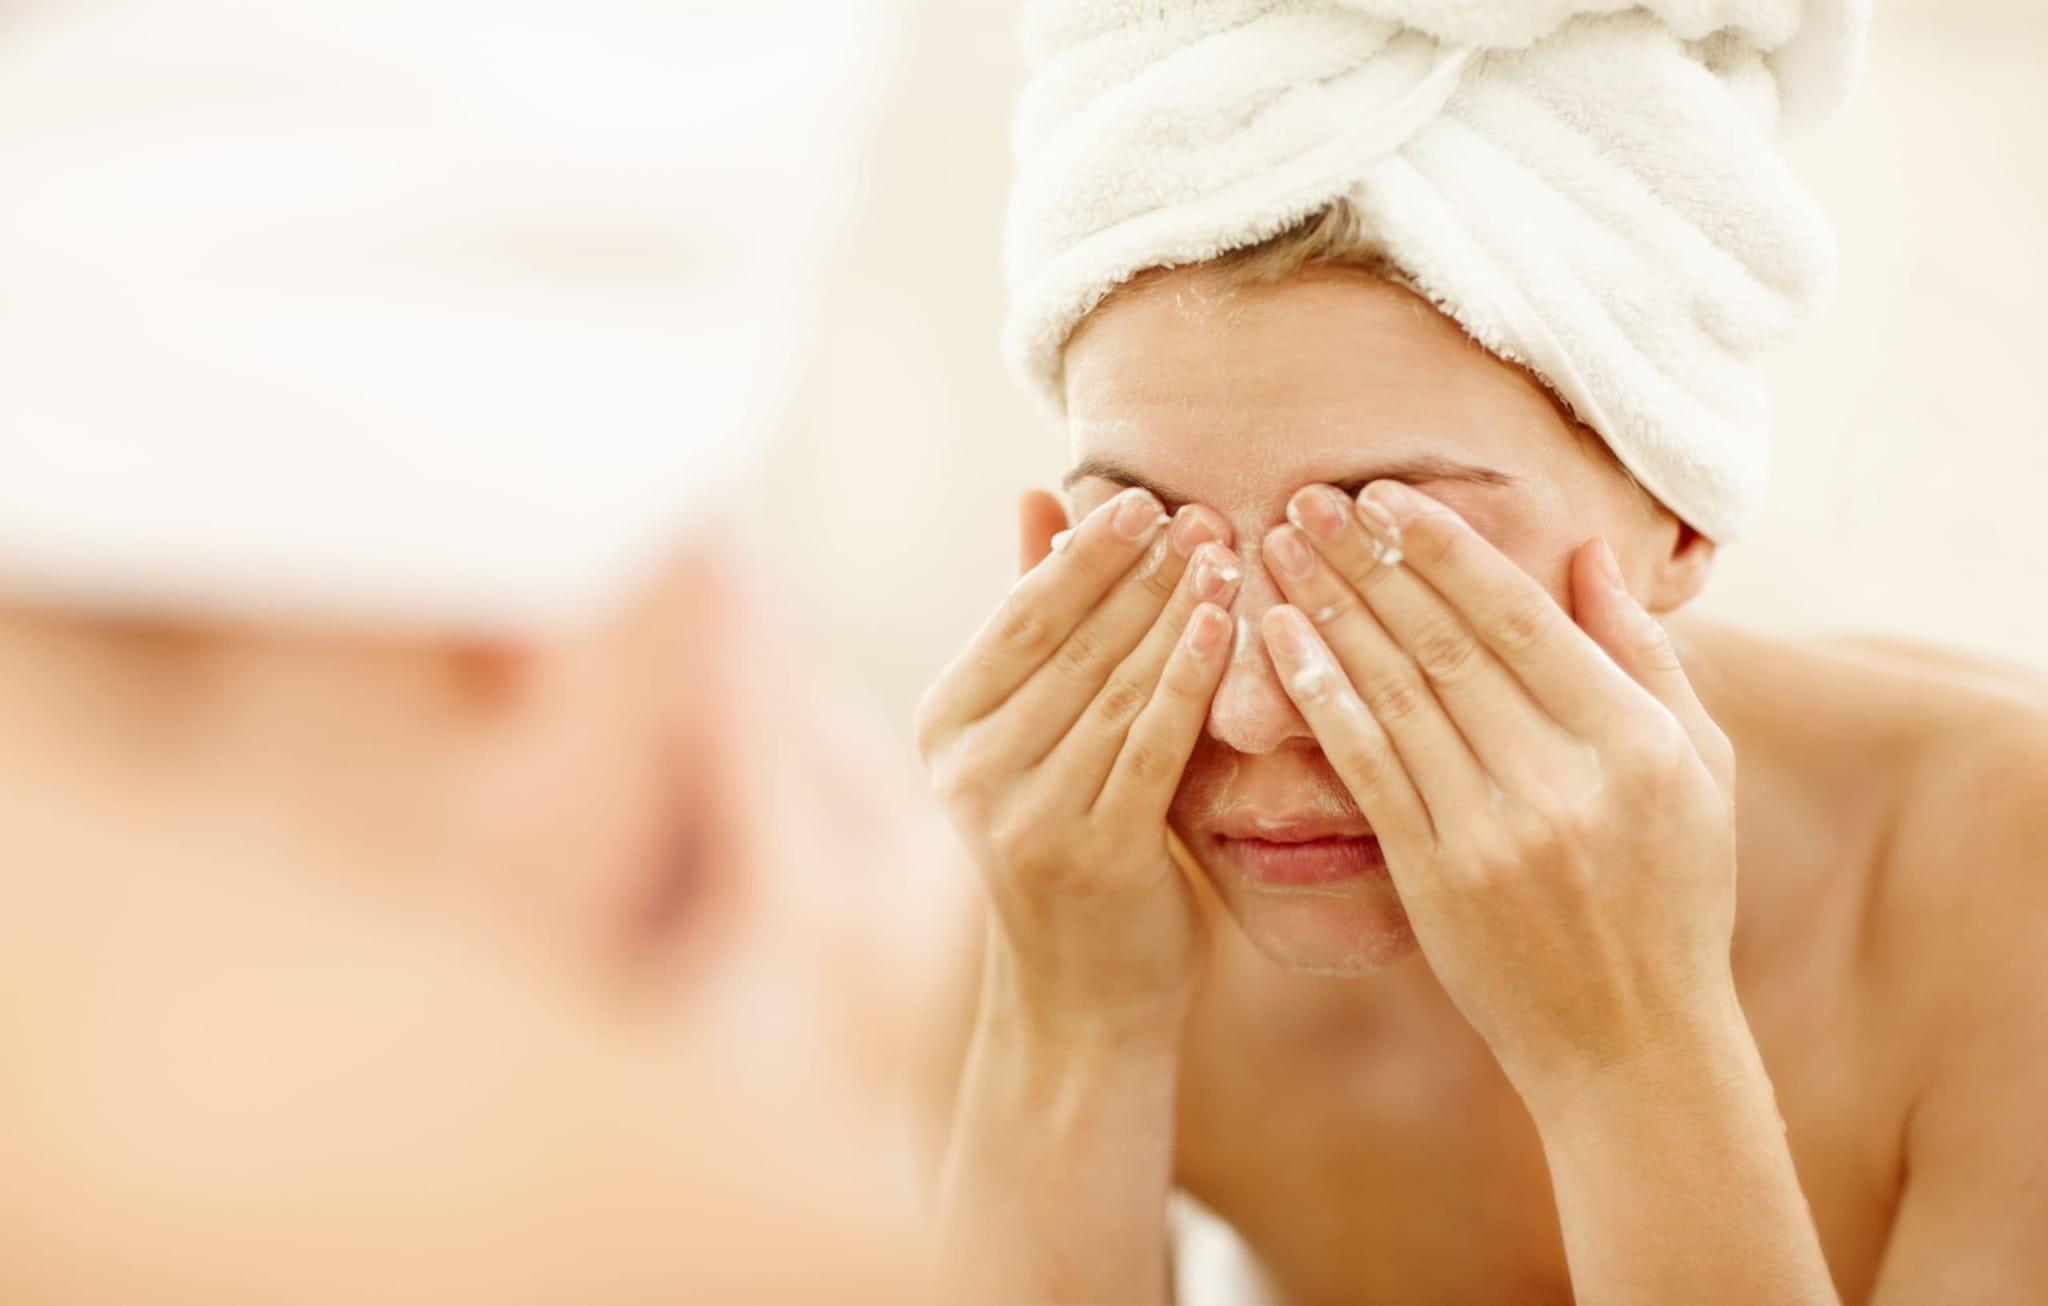 Eine Frau mit Handtuch auf dem Kopf wäscht sich das Gesicht